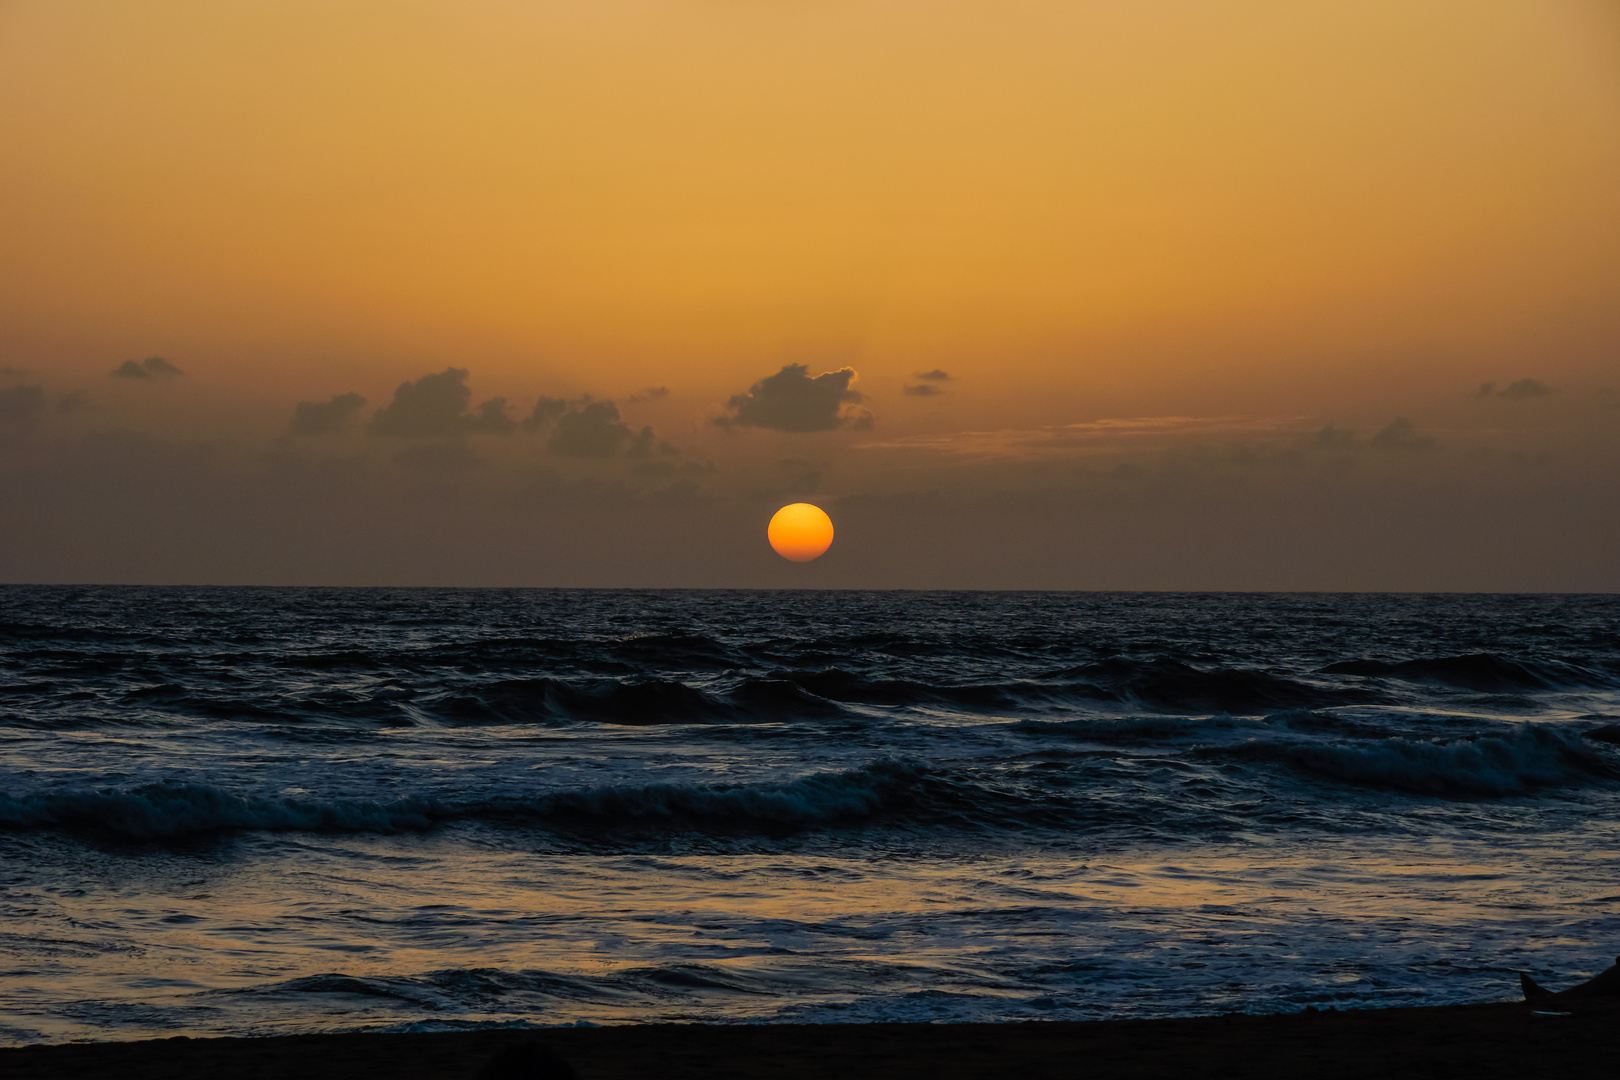 Sonnenuntergang an der Westküste von Sri Lanka